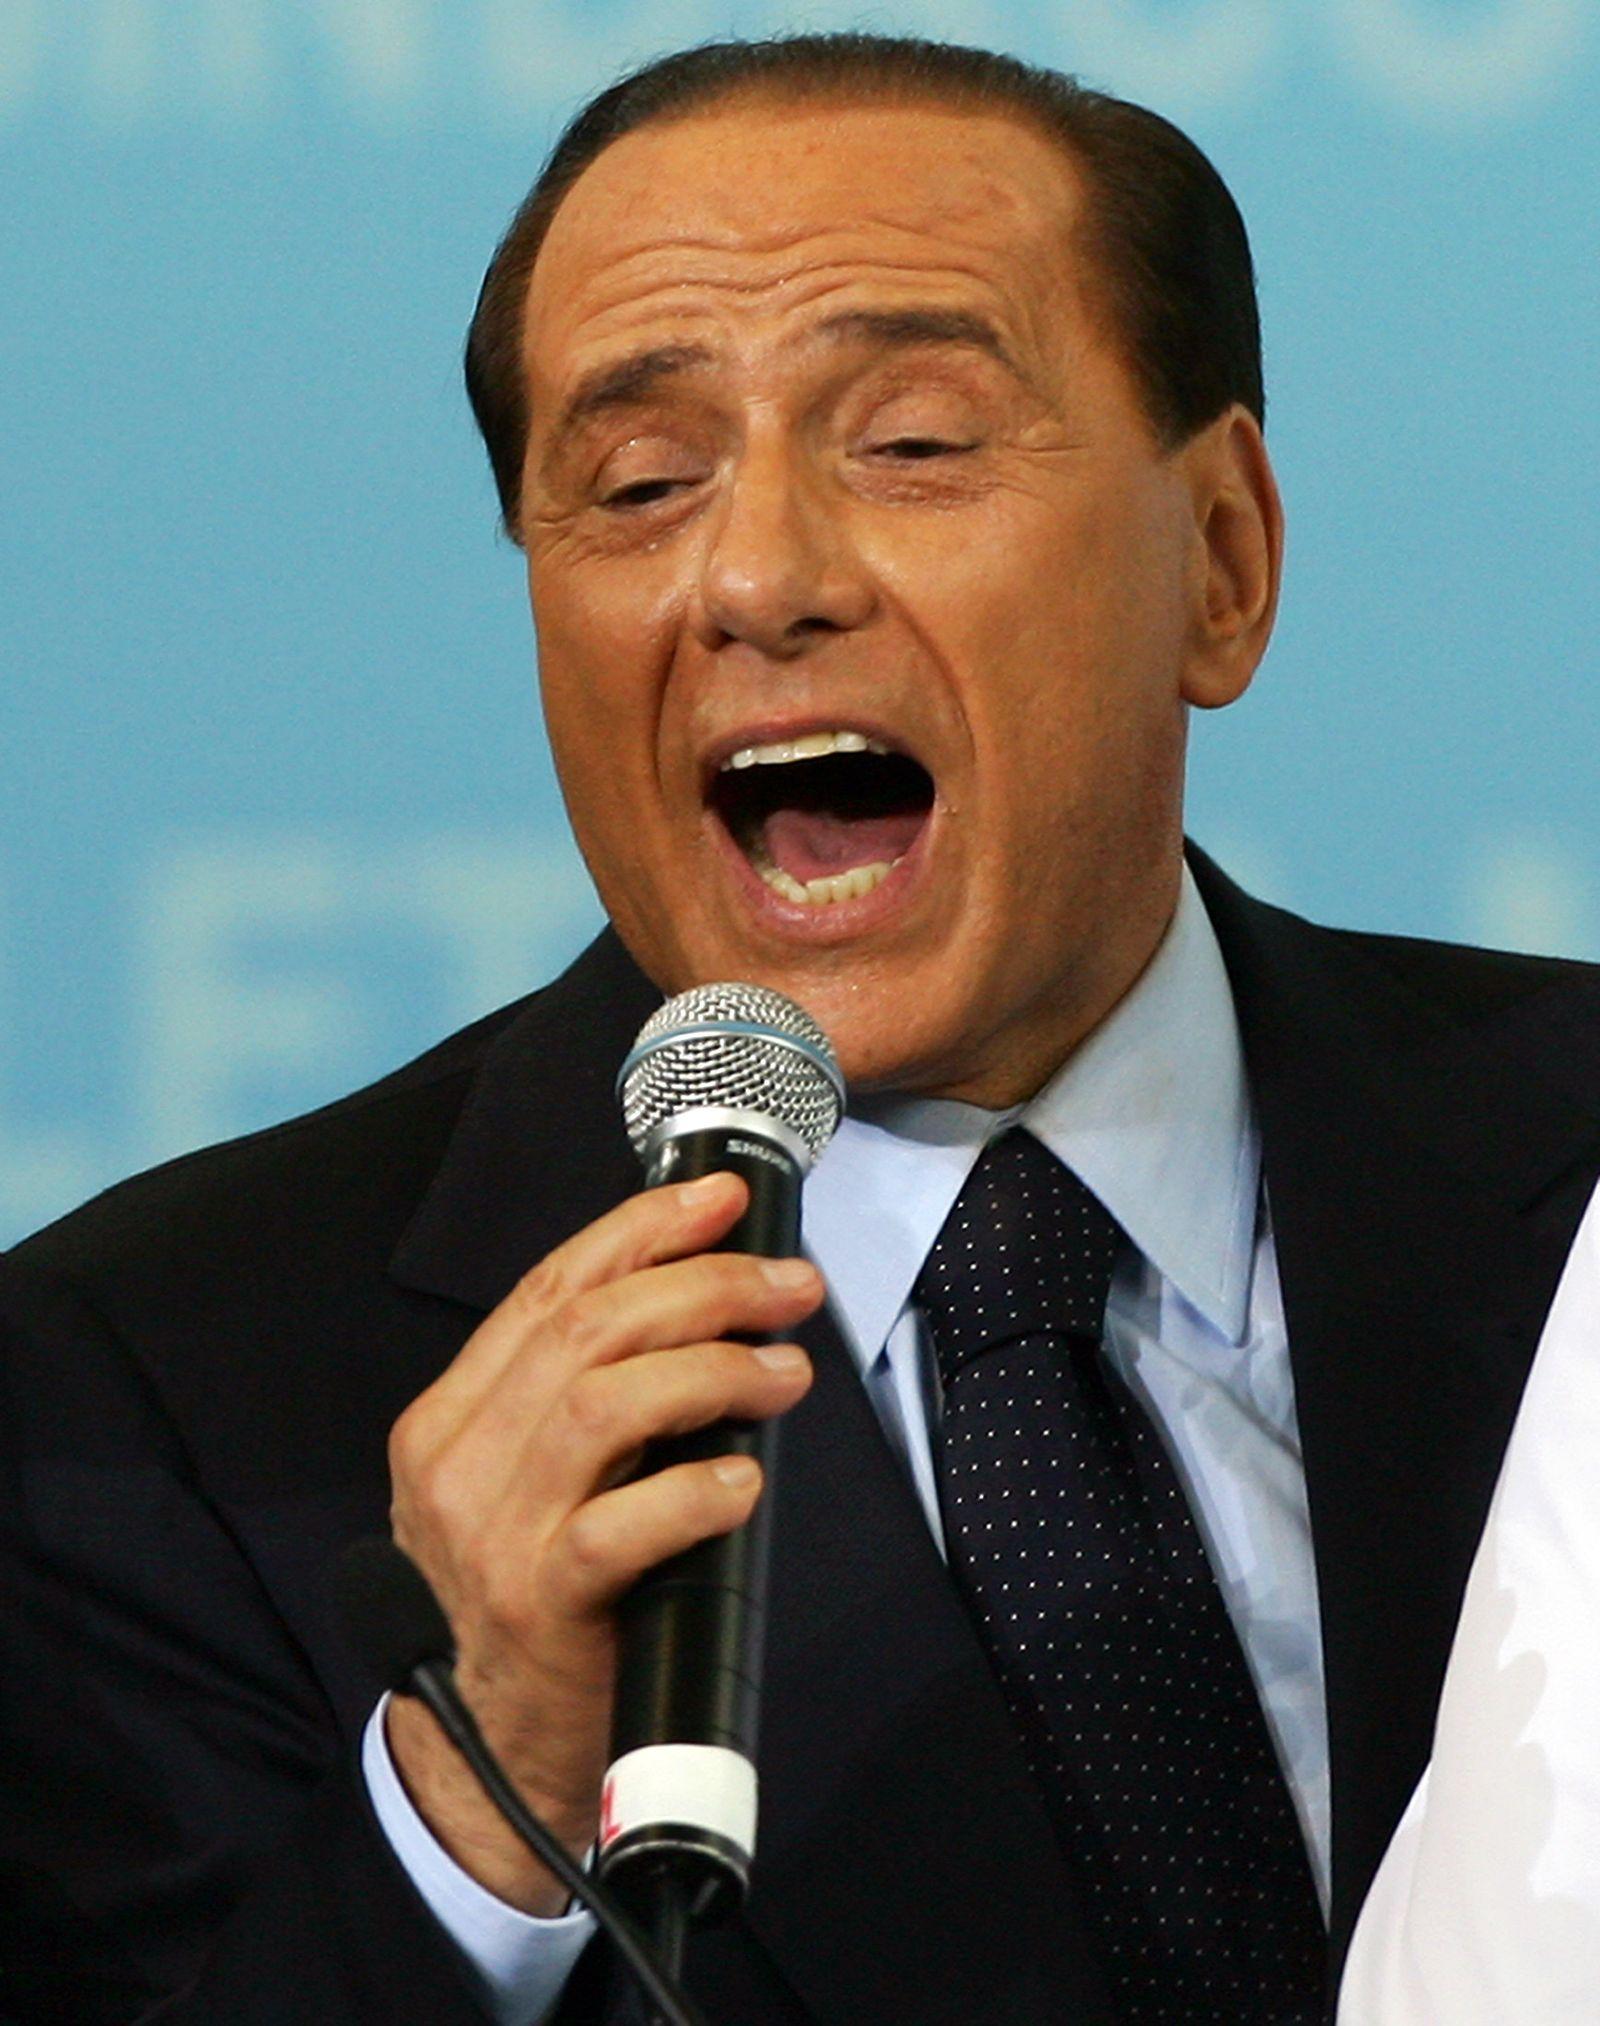 Berlusconi / singend